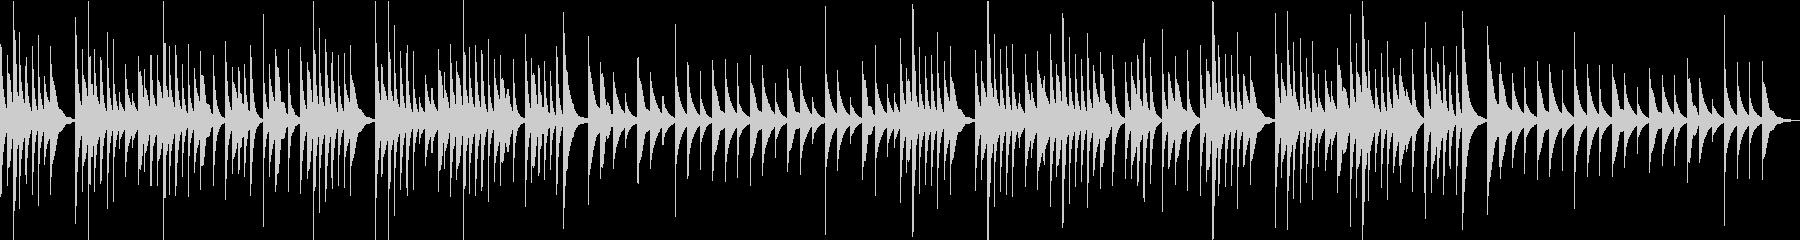 オルゴールのソロです、懐かしいようなシ…の未再生の波形